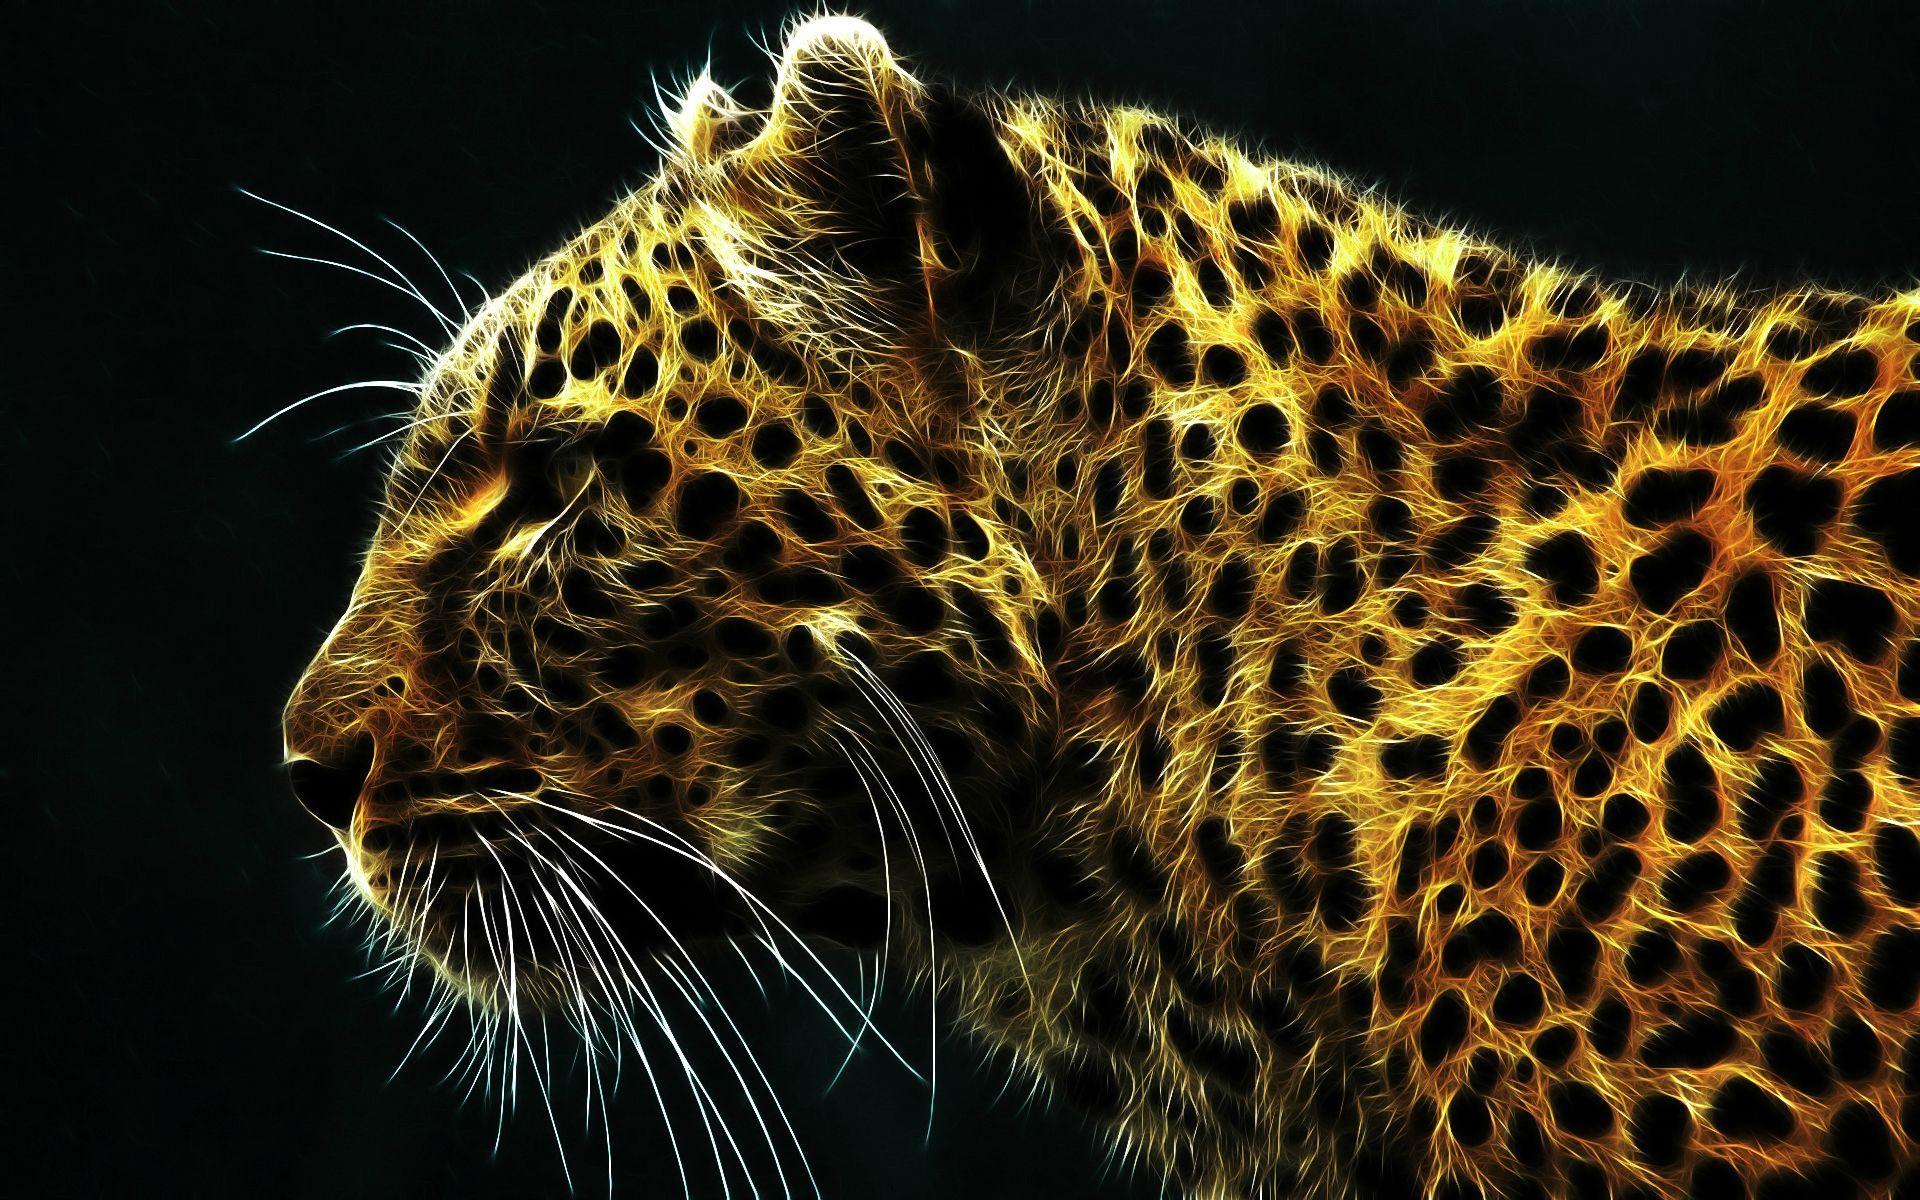 wallpapers cheetah hd